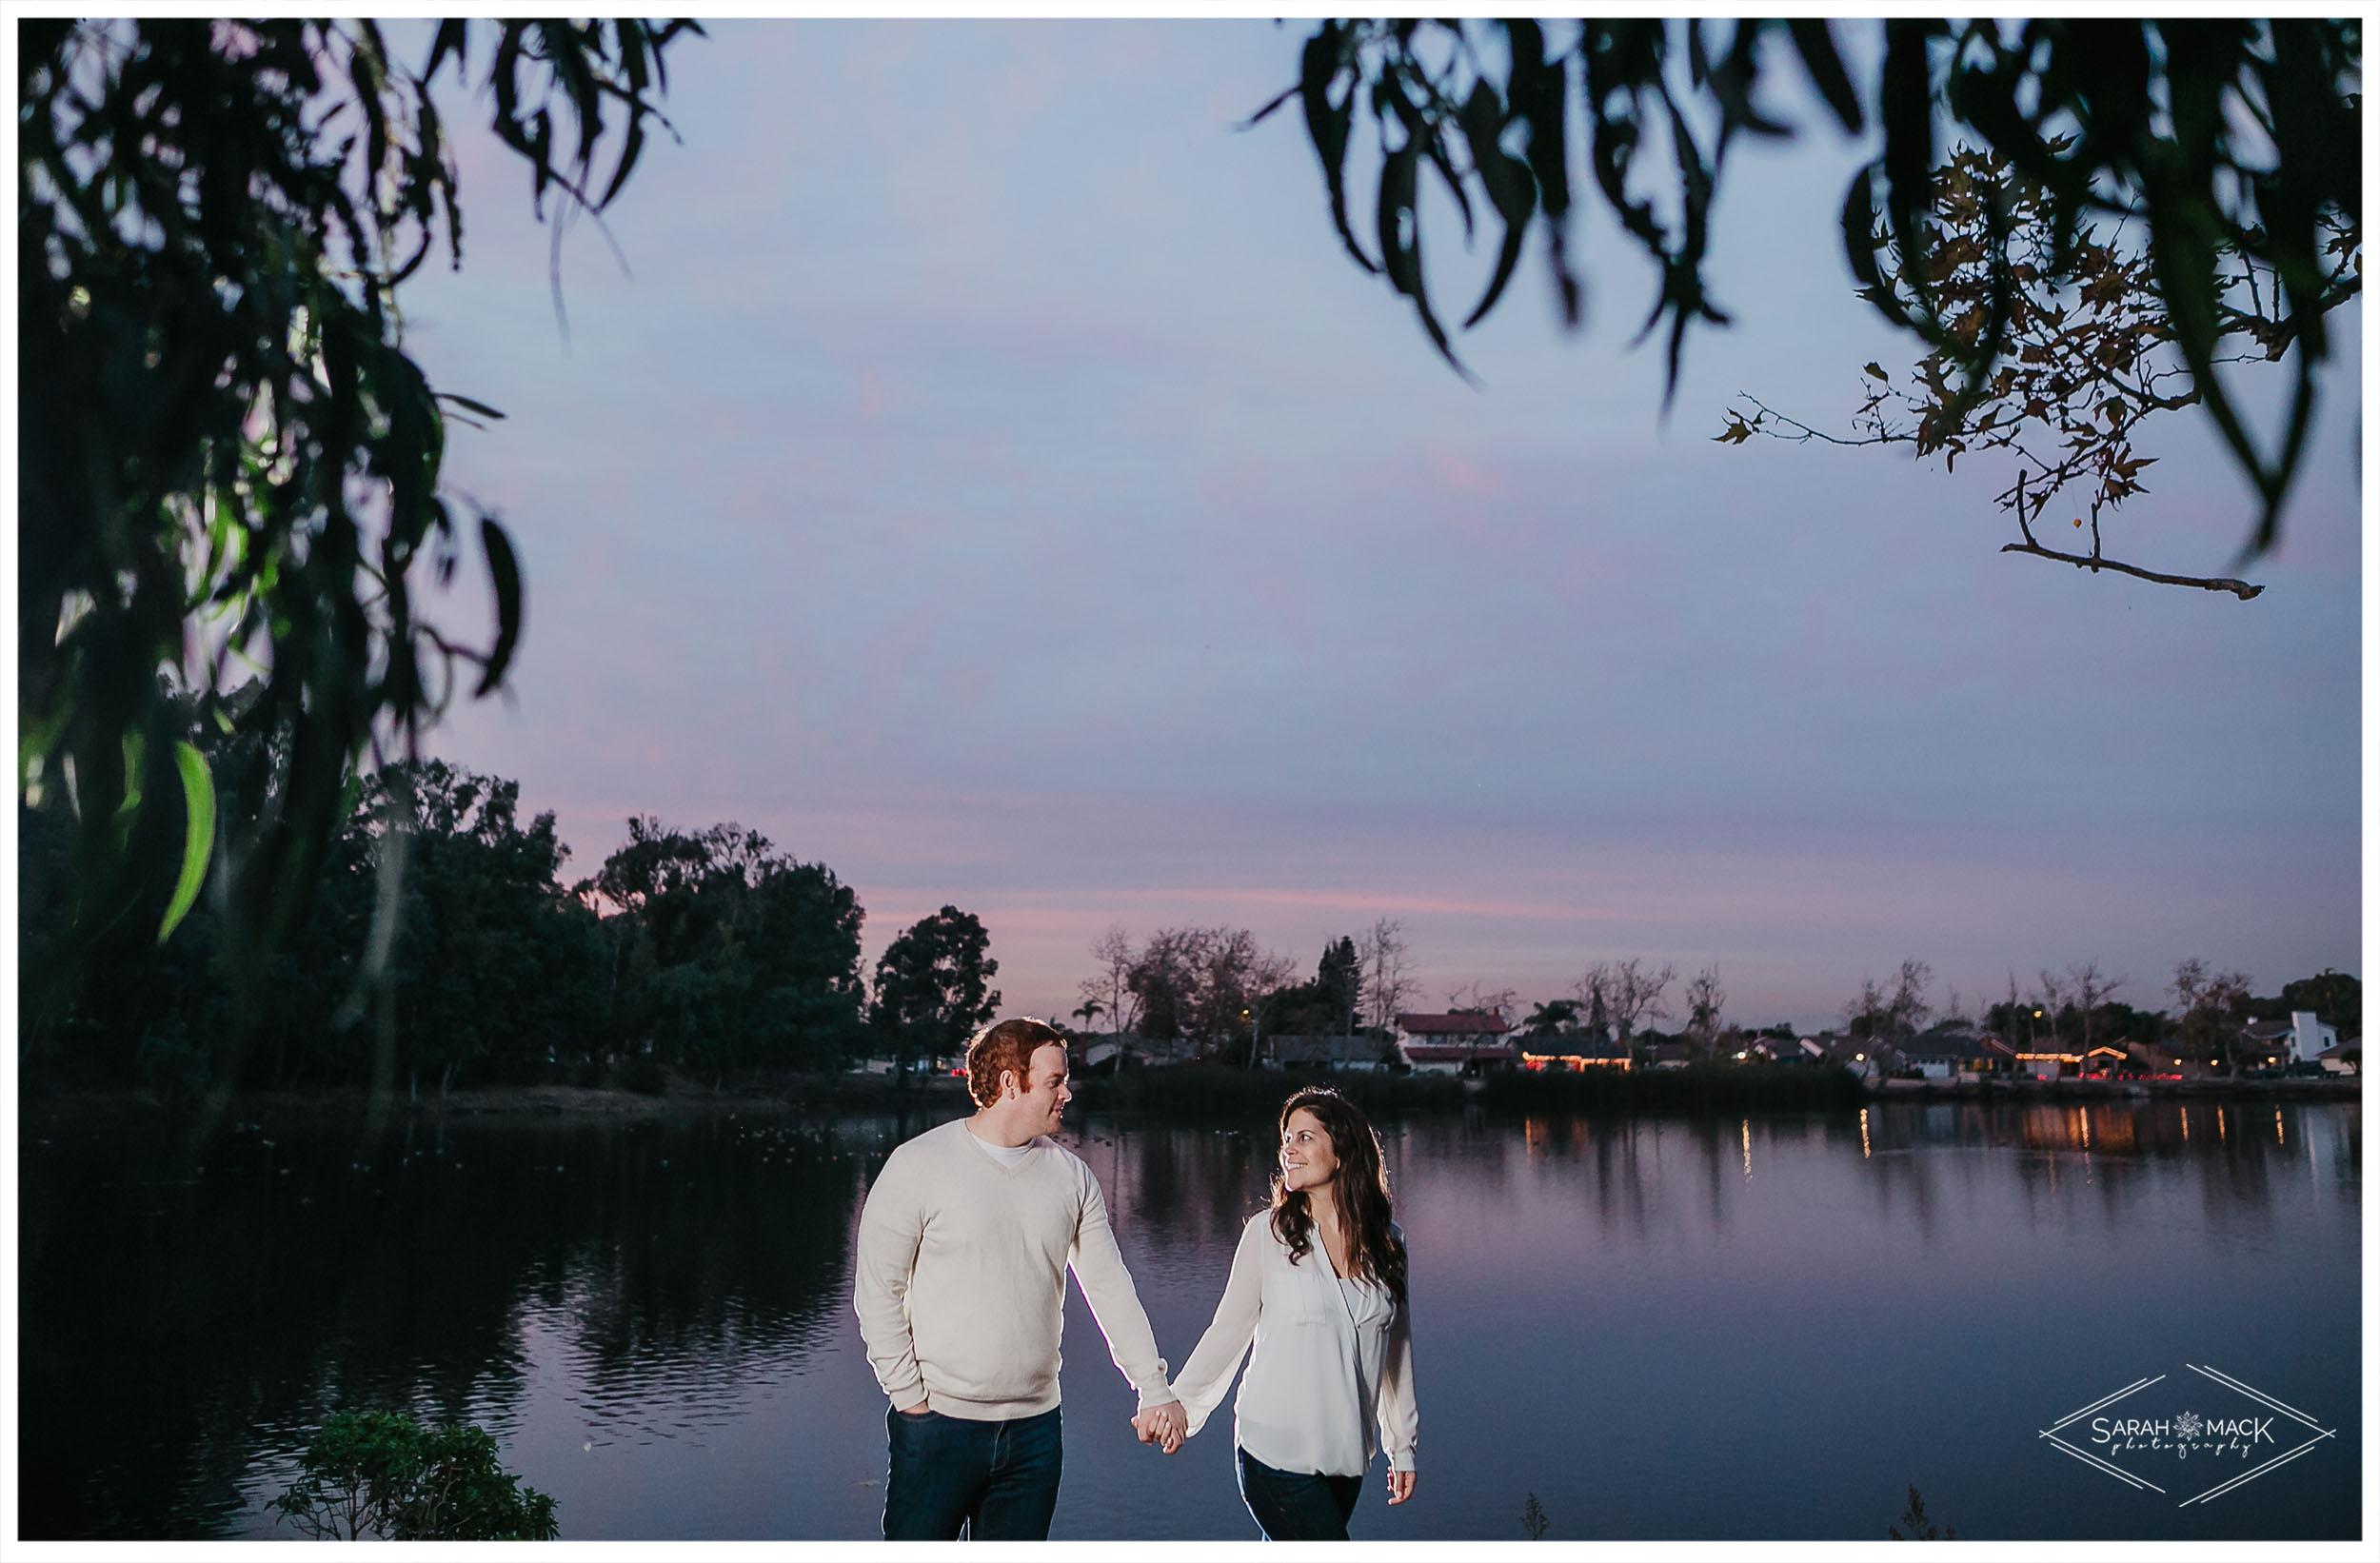 AM-Huntington-Beach-Central-Park-Engagement-Photography-18.jpg